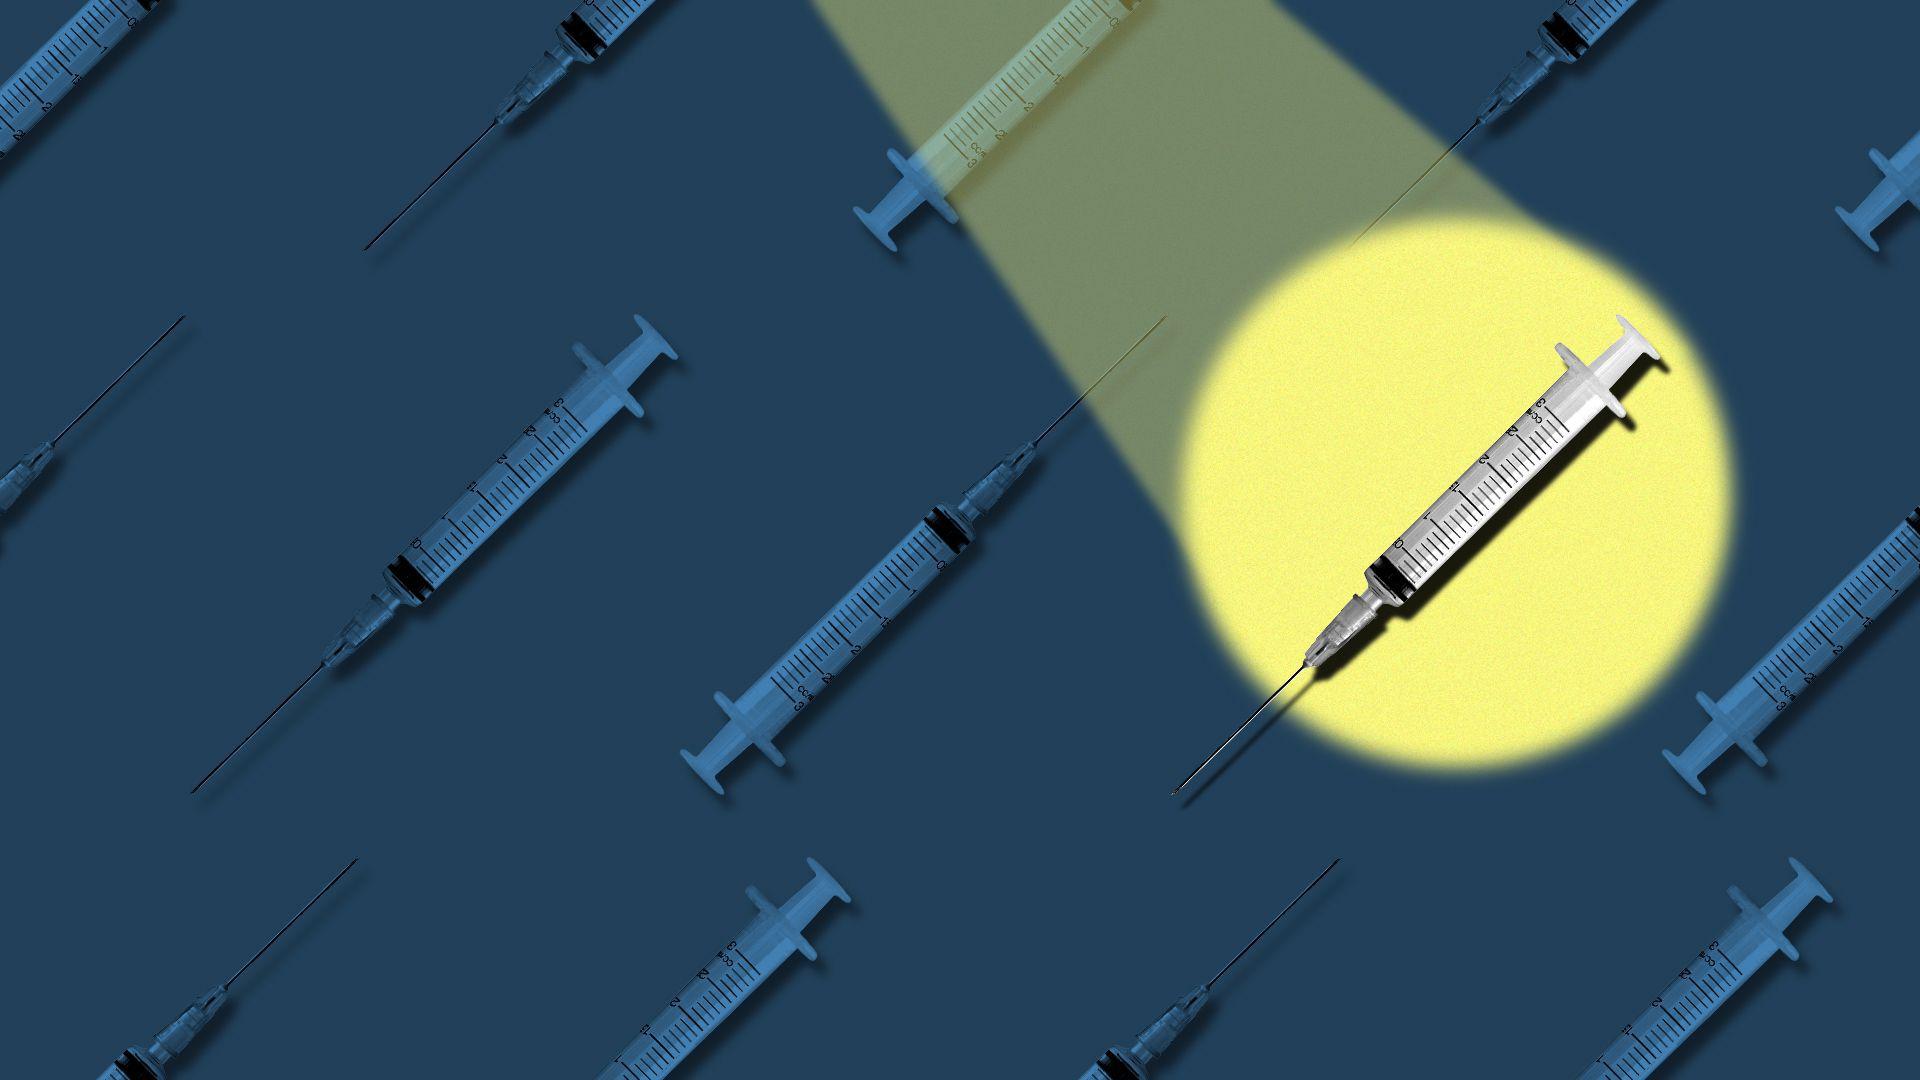 Посольство Украины договорилось о поставках десяти миллионов доз вакцины Pfizer — нардеп